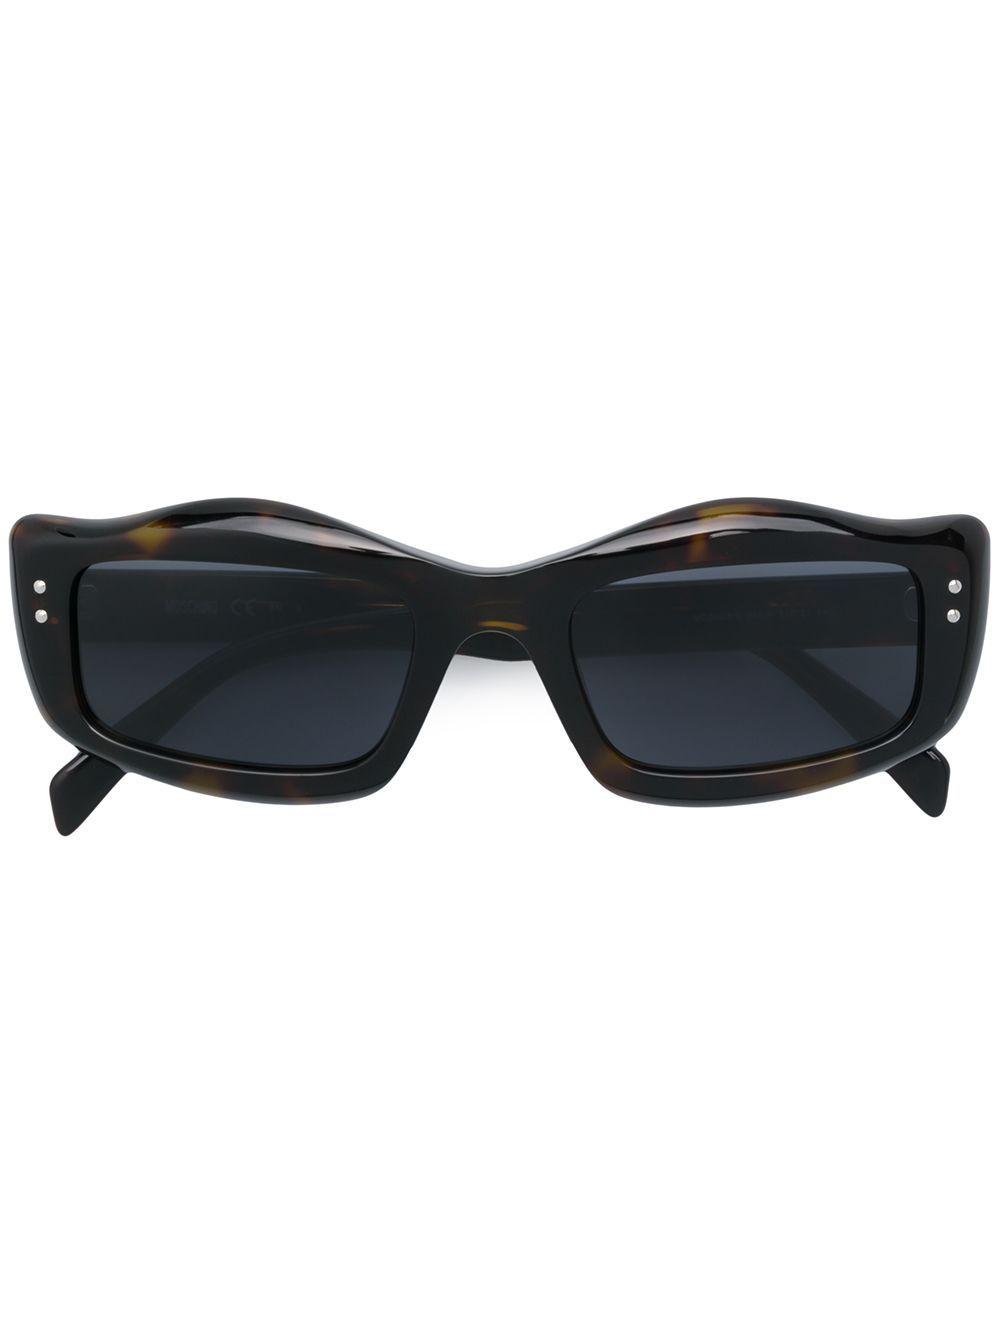 Moschino Eyewear ergonomic square sunglasses – Brown